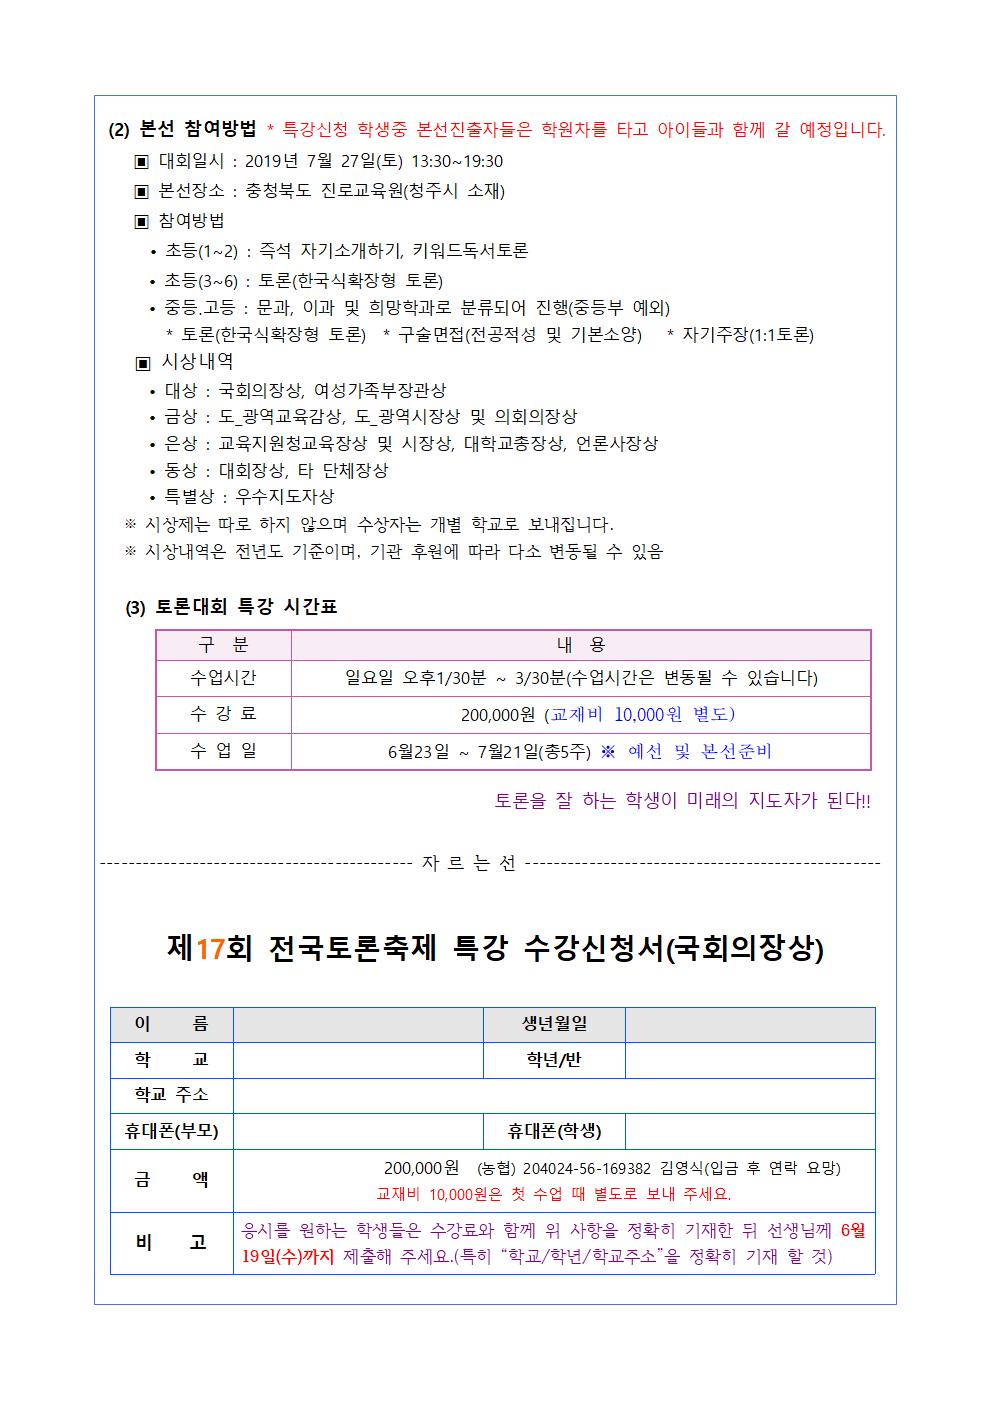 제17회전국청소년토론대회안내문(수정)004.png